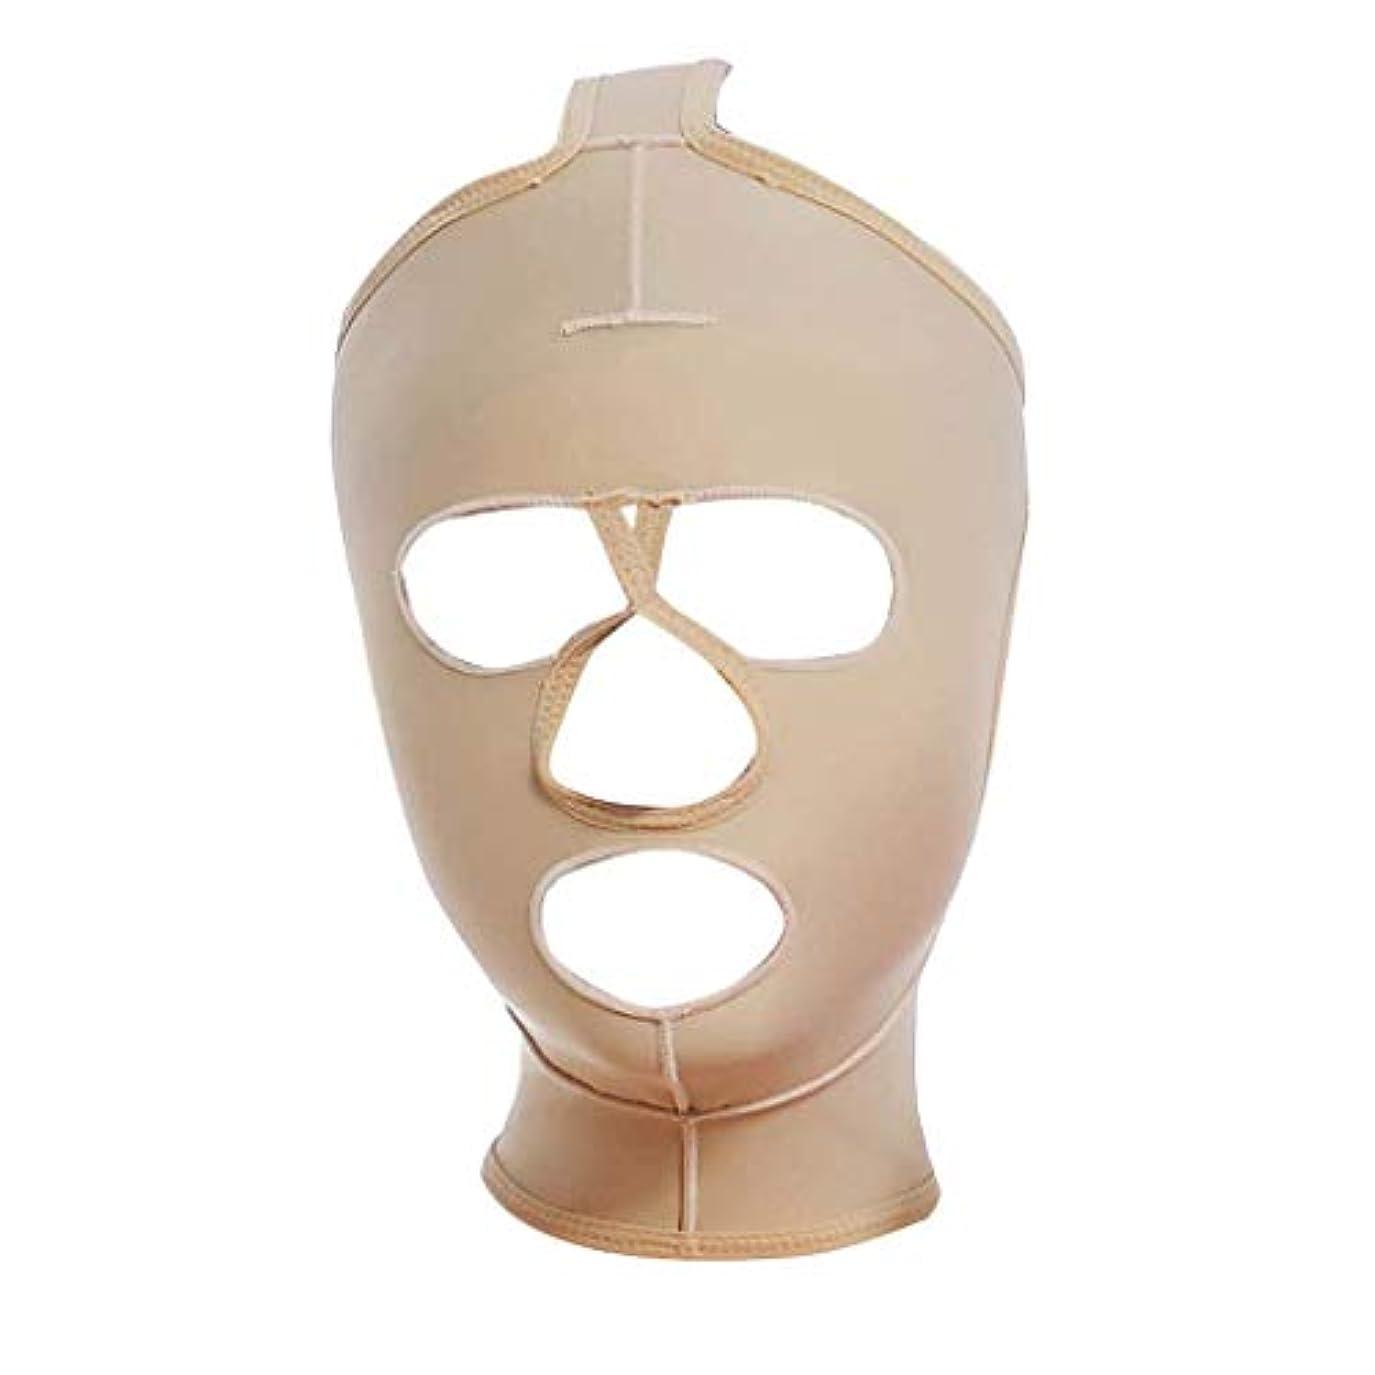 フェイス&ネックリフト、減量フェイスマスク脂肪吸引術脂肪吸引術整形マスクフードフェイスリフティングアーティファクトVフェイスビームフェイス弾性スリーブ(サイズ:XXL),S